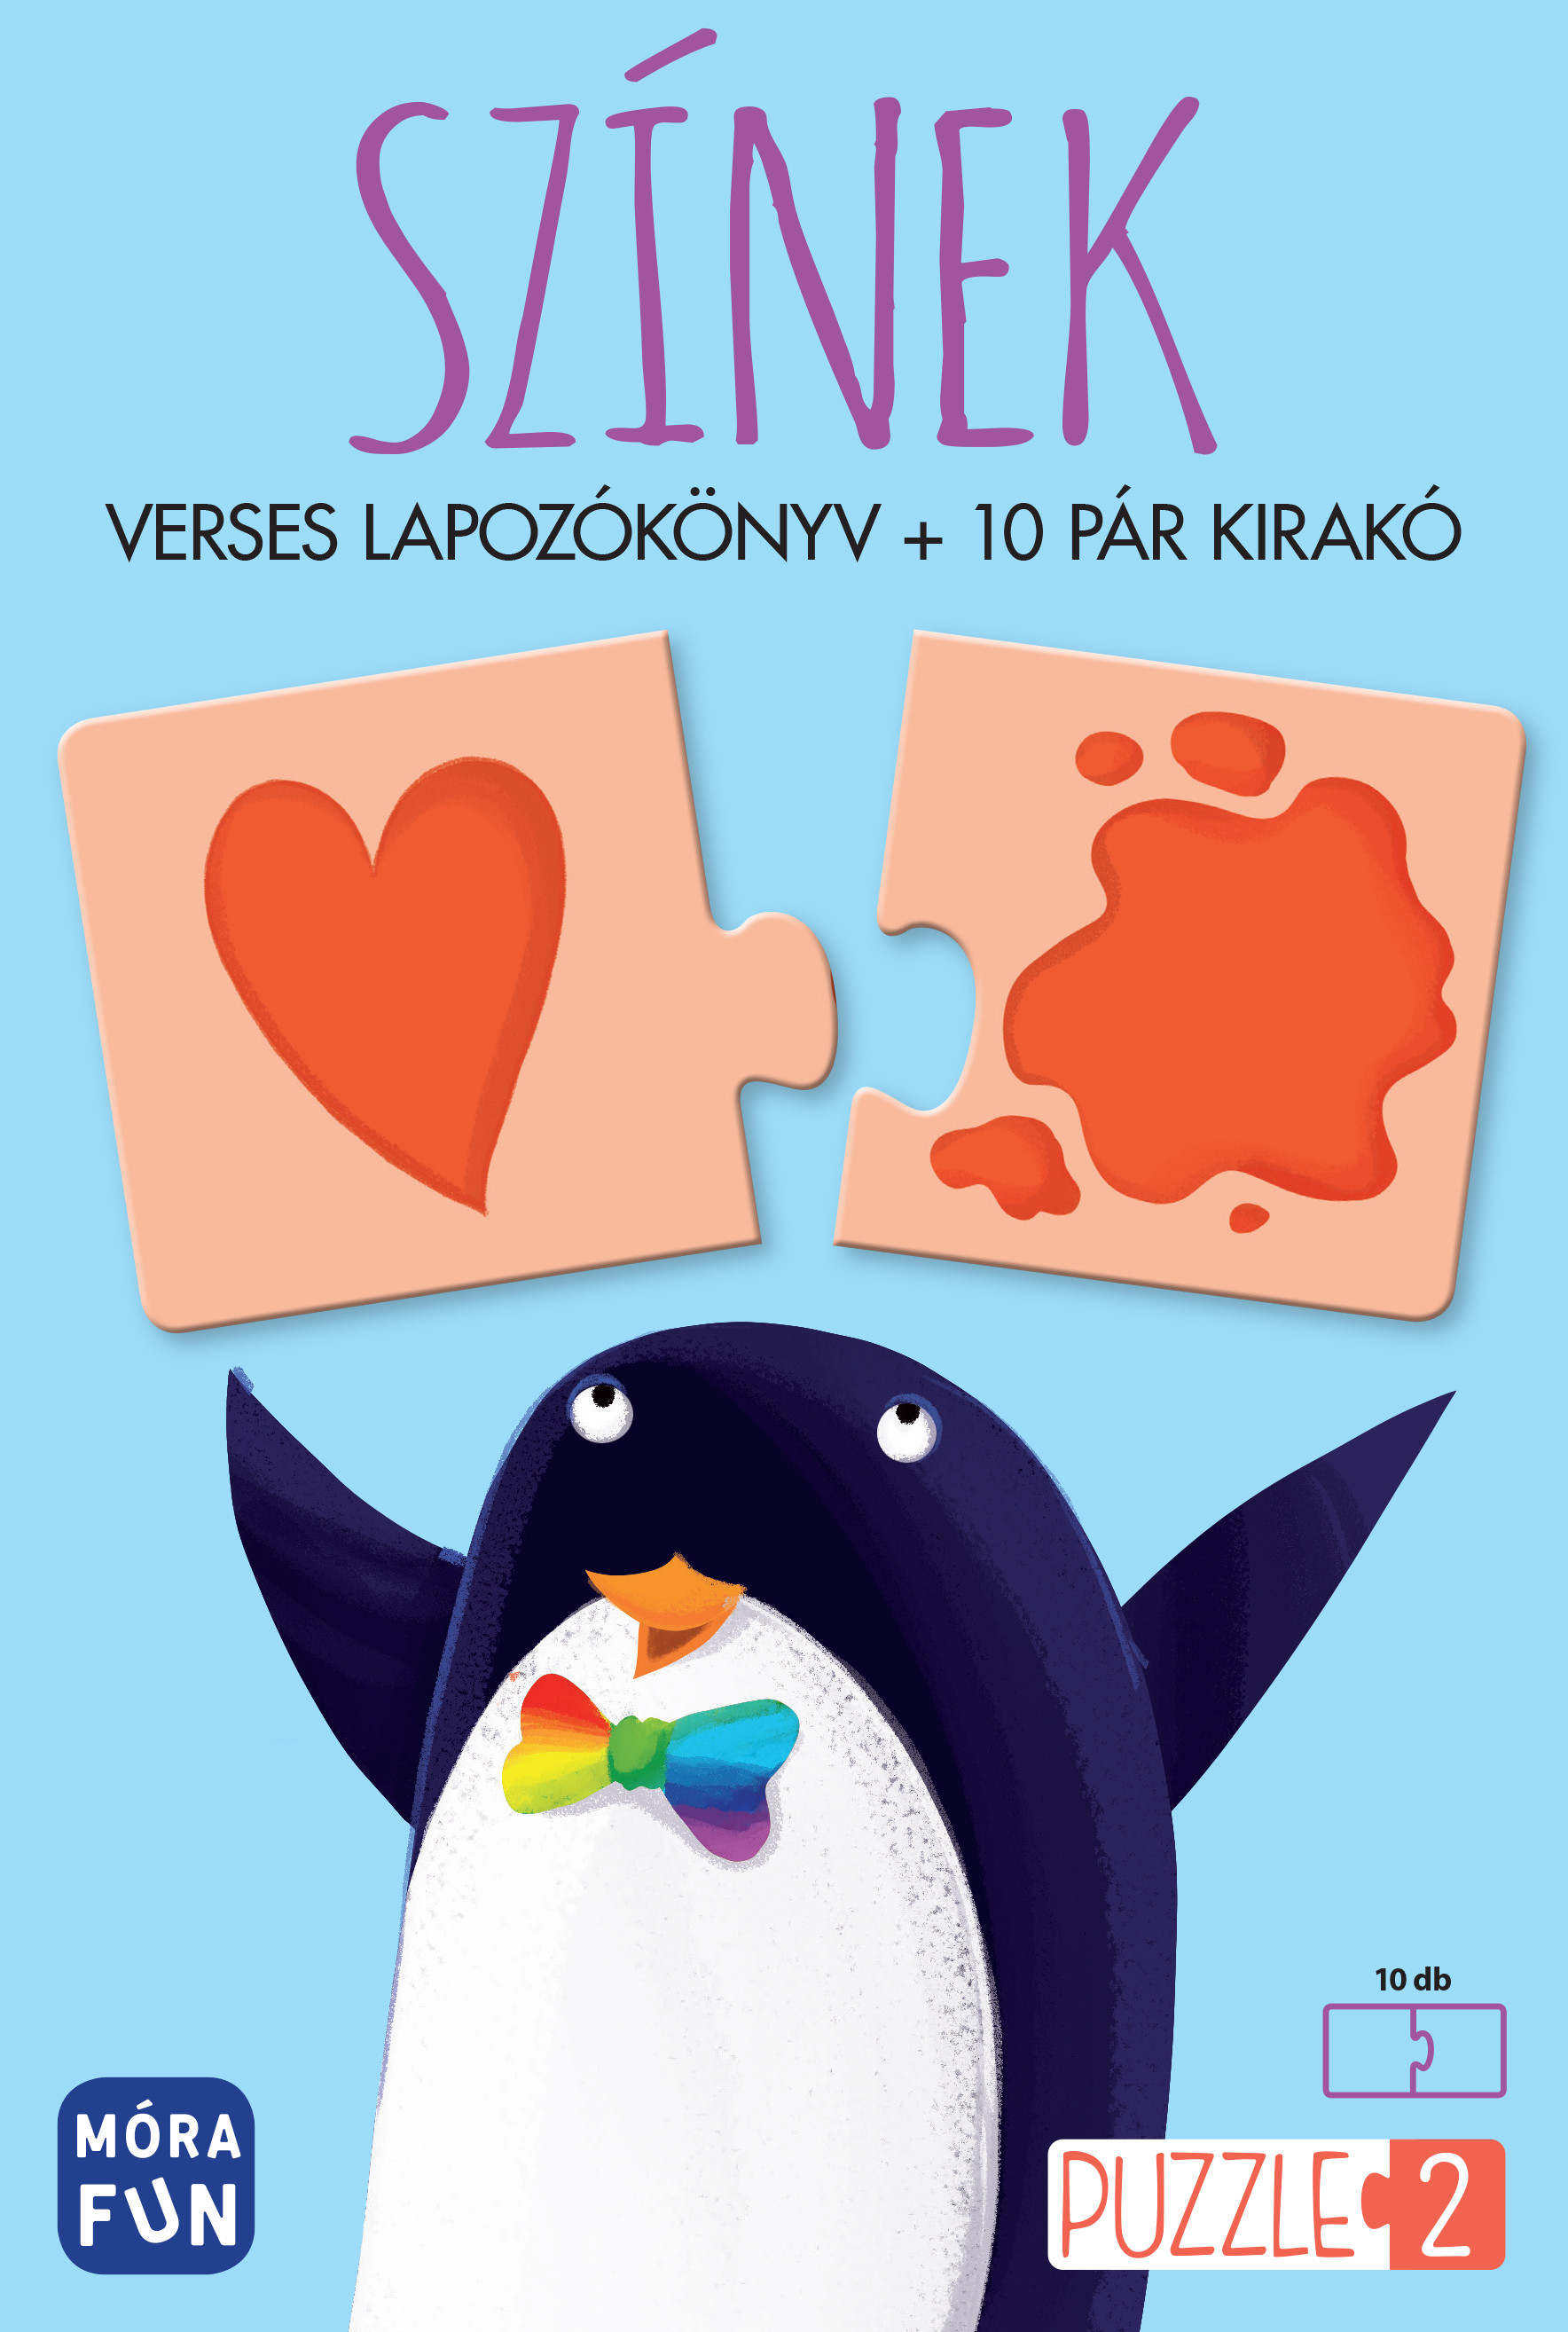 Színek - Verses lapozókönyv + 10 pár kirakó